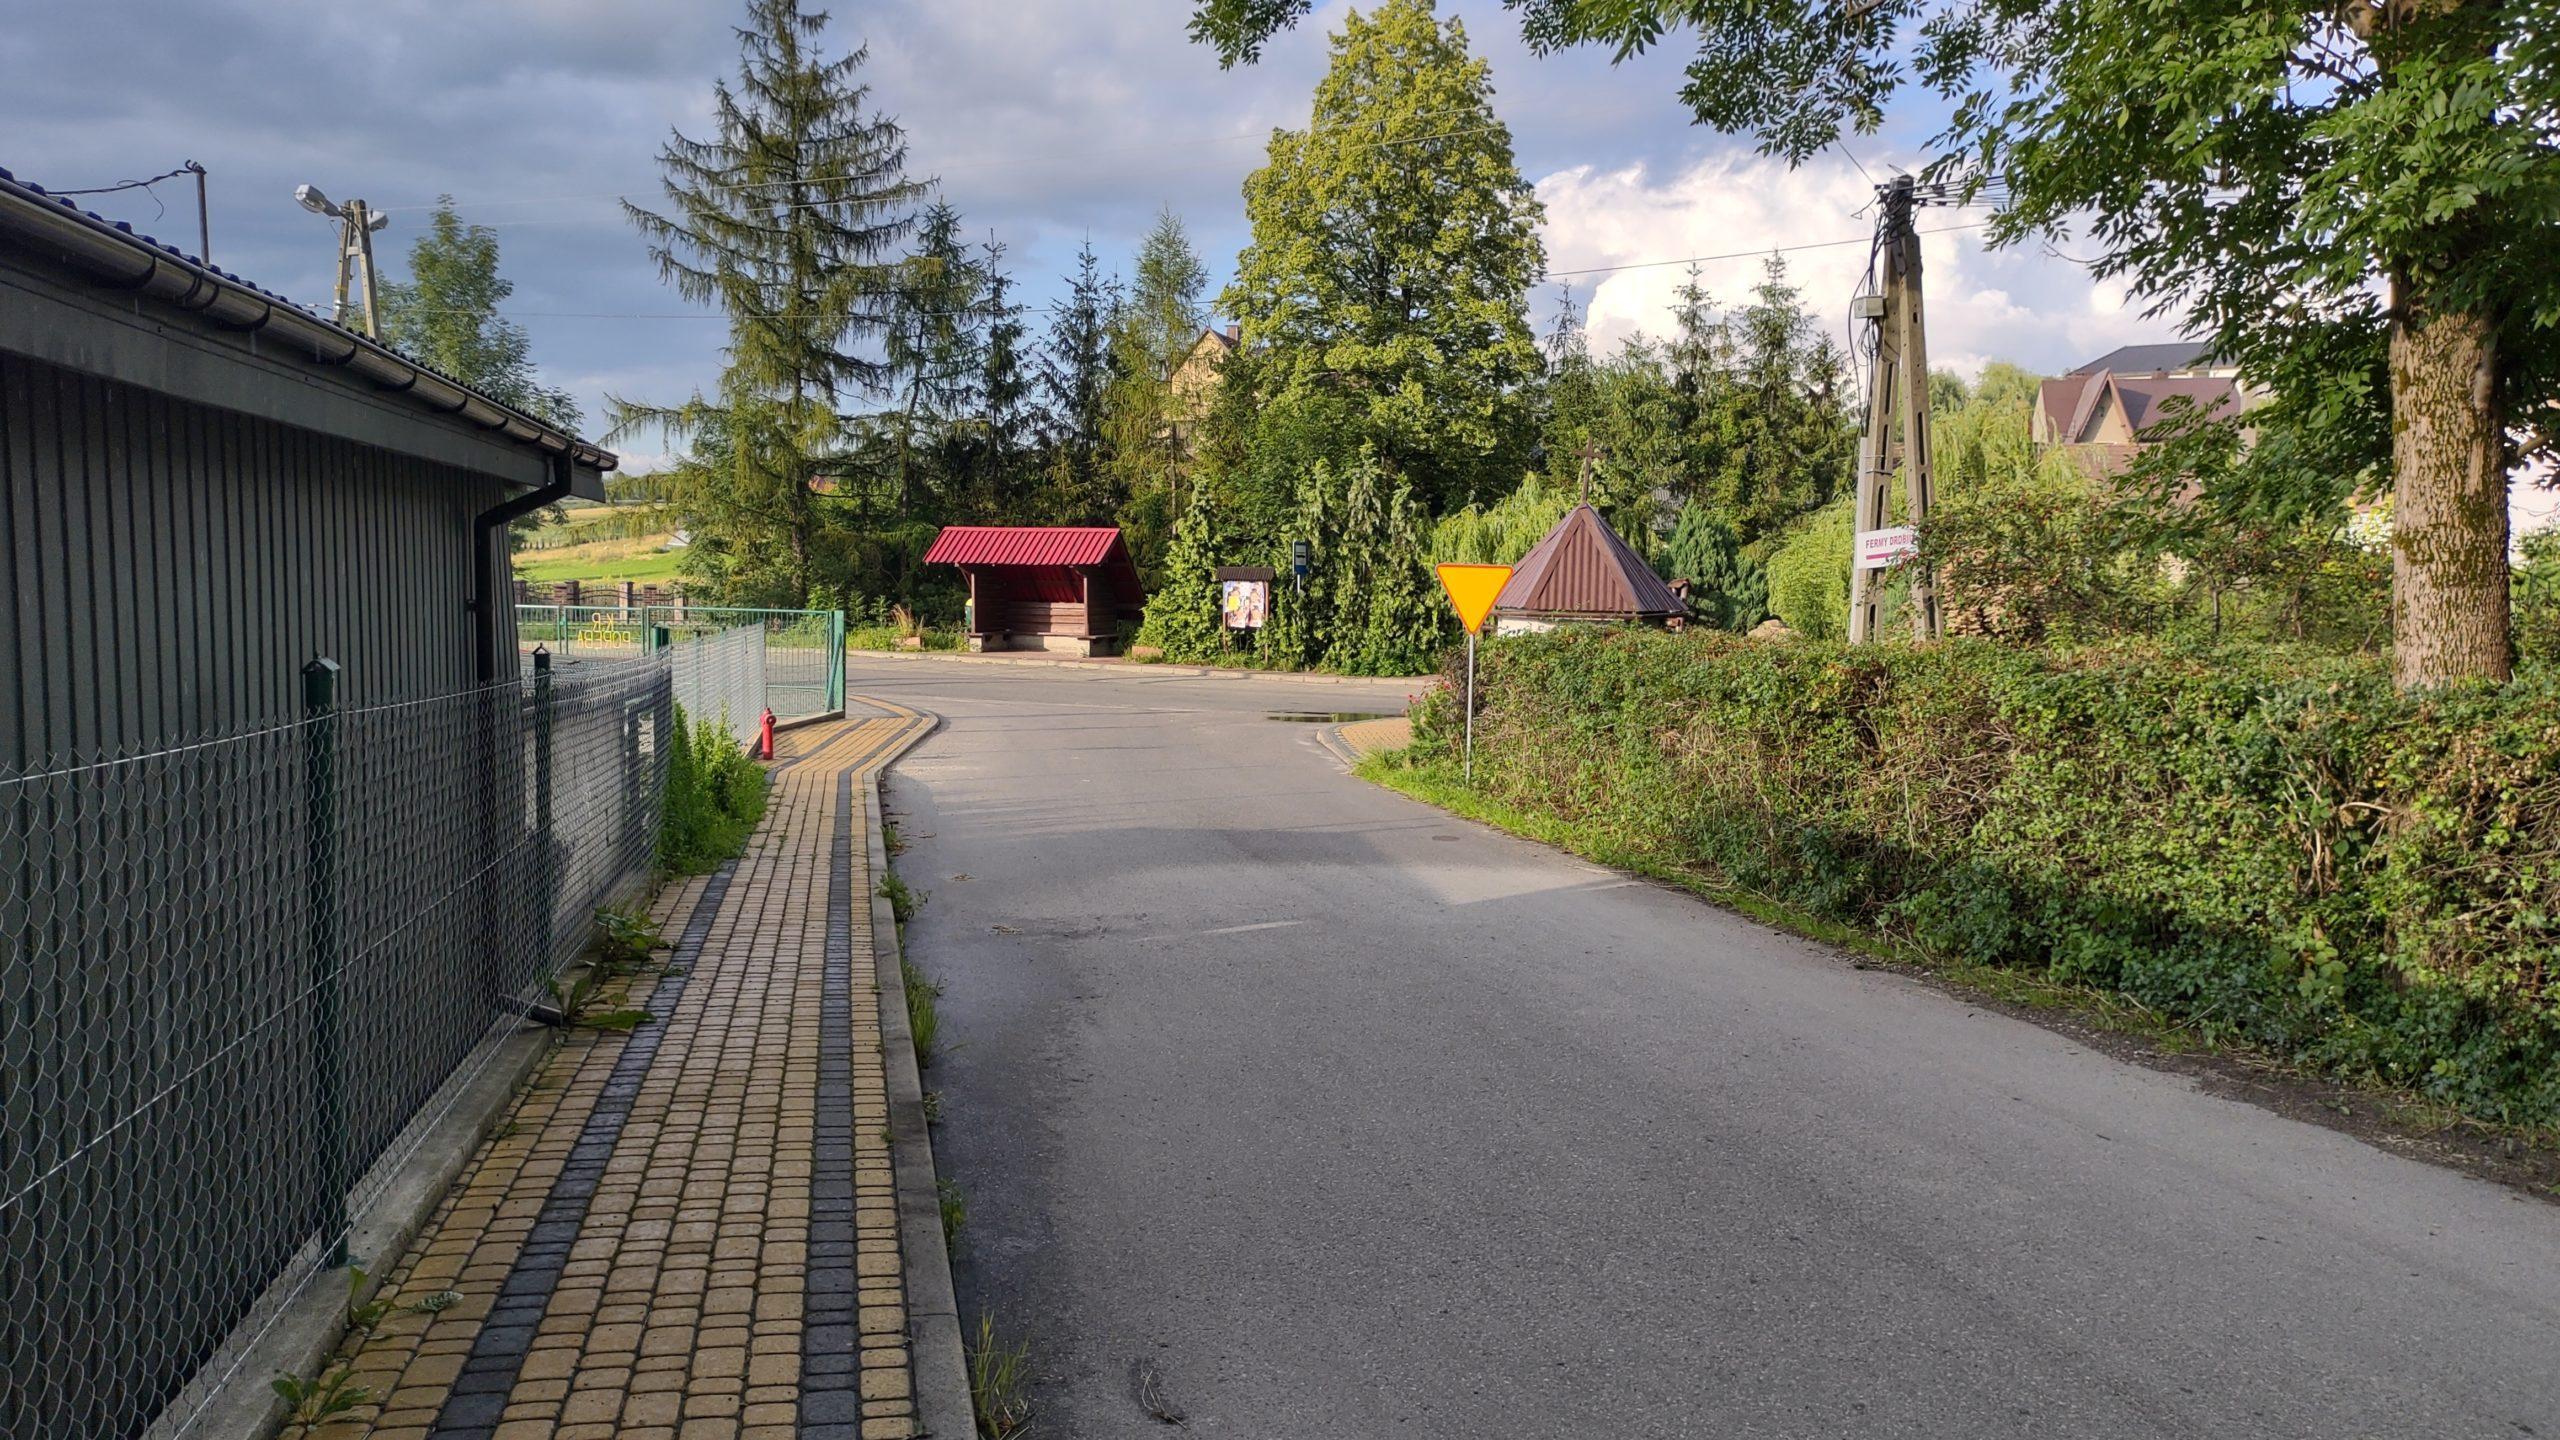 droga, żywopłot, przystanek, barak zdjęcie wykonane motorolą edge